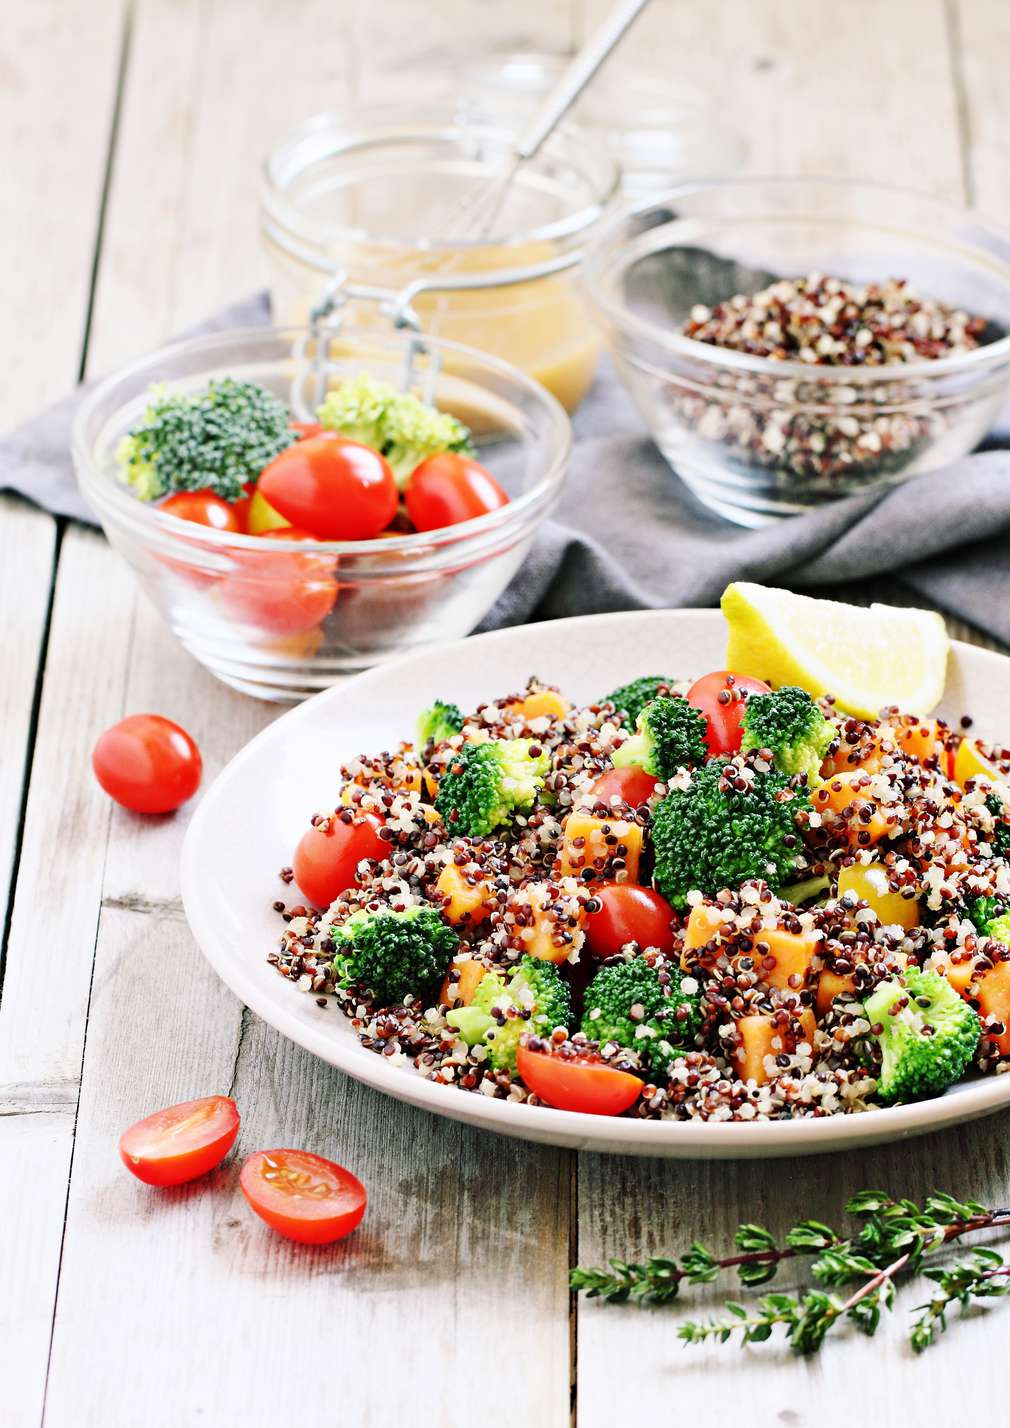 Warum ist Quinoa so gesund?